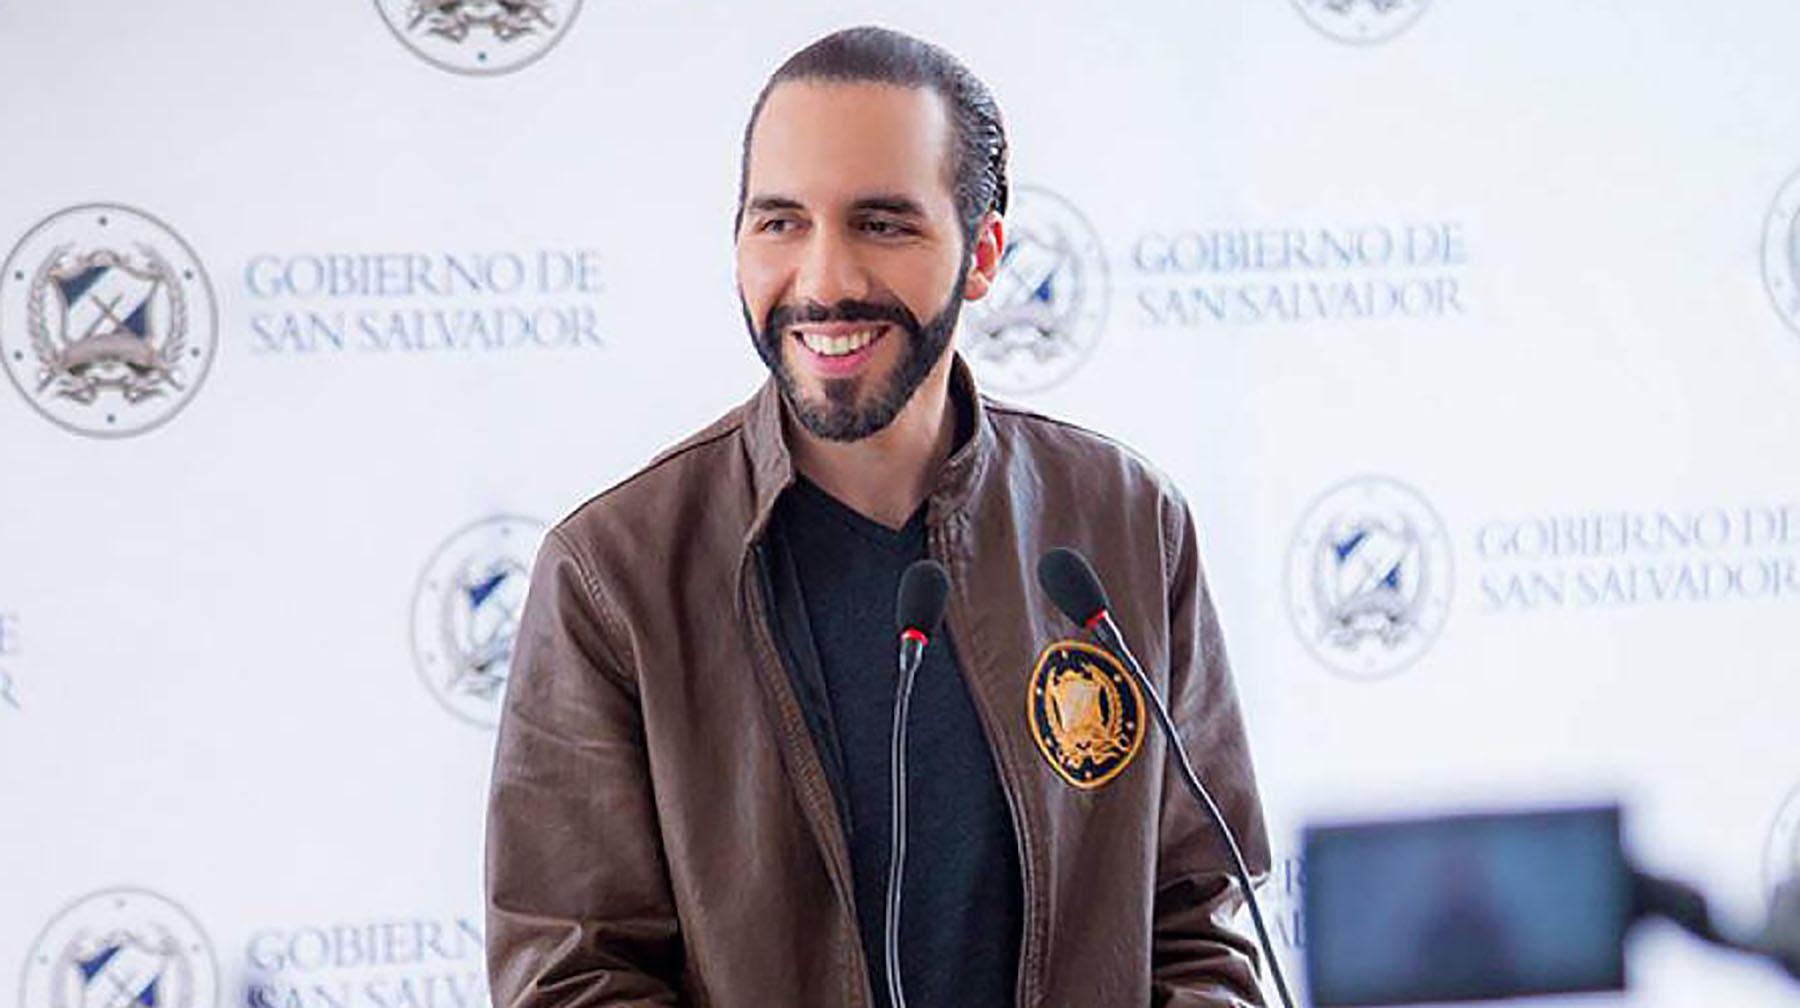 Nuevo gobierno salvadoreño tomará distancia de Nicaragua y Venezuela